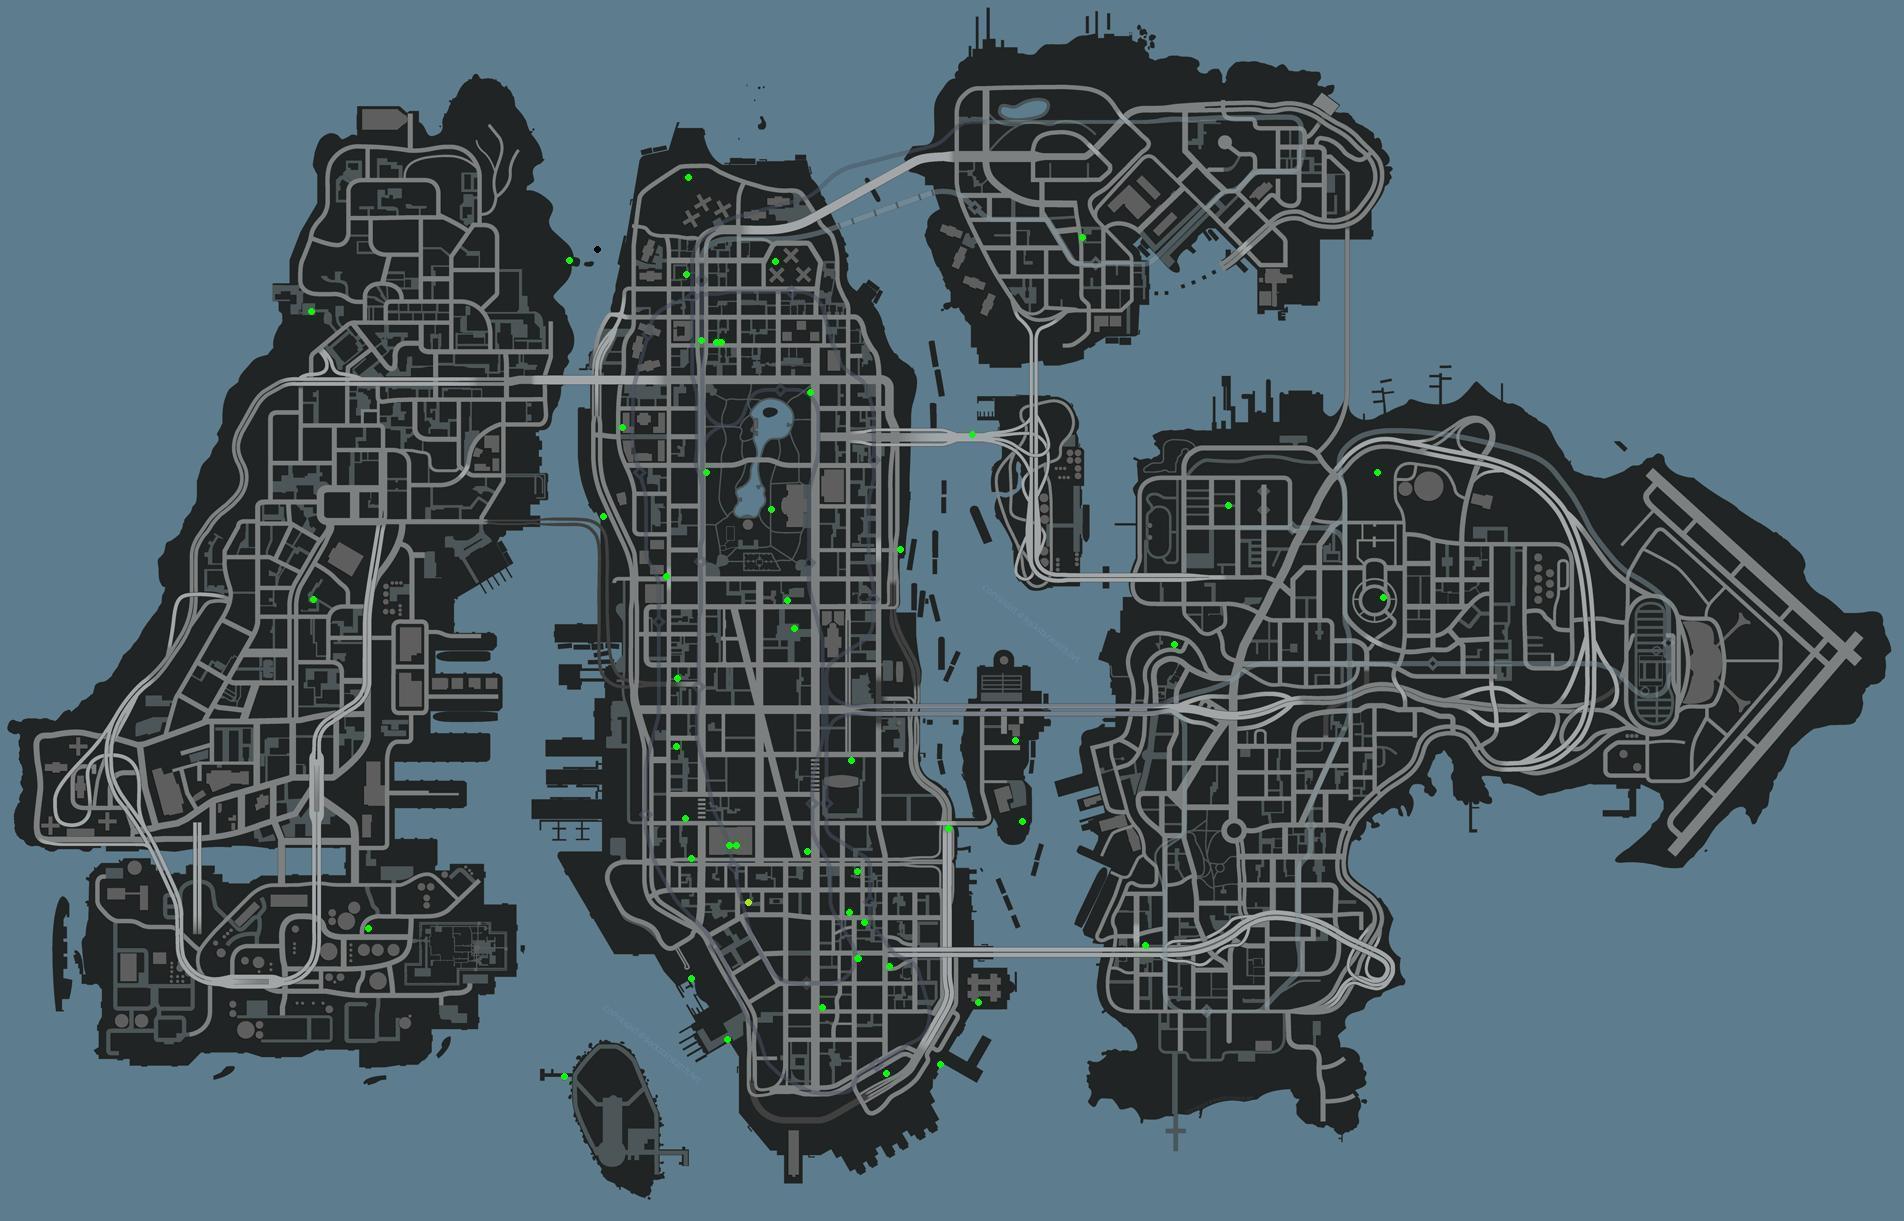 চিটকোড এন্ড ট্রেইনার জোন: GTA IV, Chaos Legion.